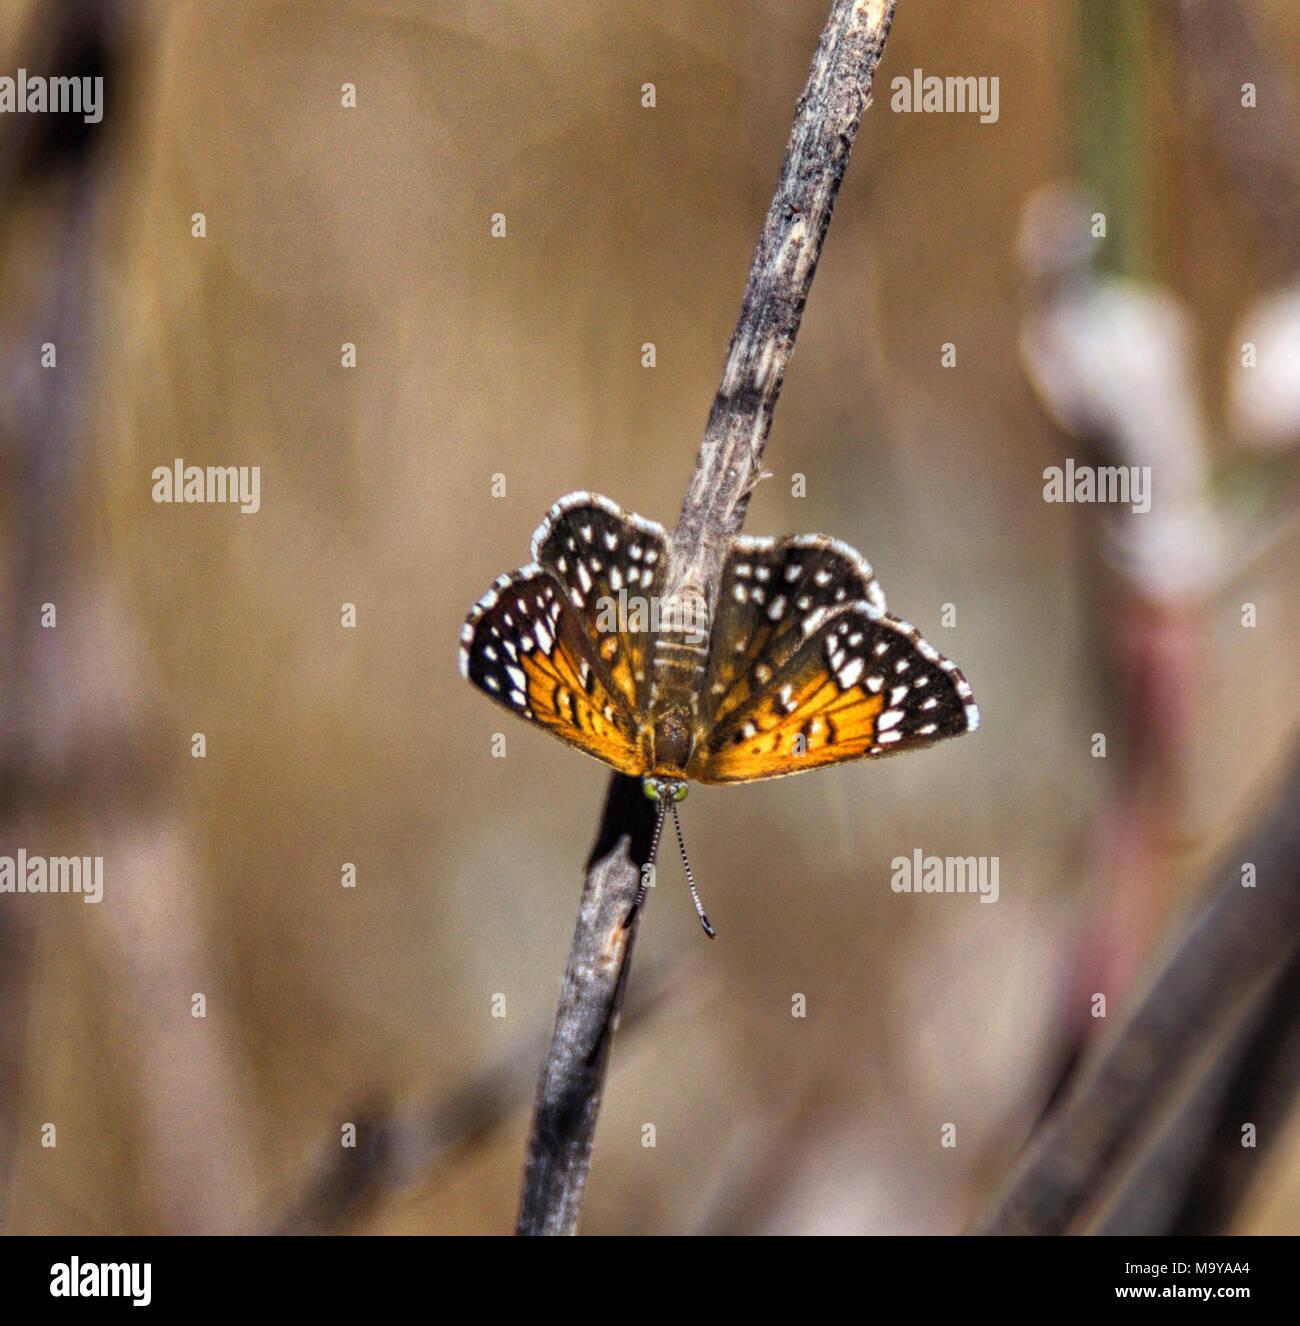 Lange's metalmark Butterfly. Antioquía Dunas de Arena, el 30 de agosto, 2016 clasificada como En Peligro en virtud de la Ley de Especies en Peligro de Extinción, esta especie está en peligro de extinción en todo o en una parte importante de su gama. Lange's metalmark mariposa fue históricamente restringido a las dunas de arena a lo largo de la orilla sur del río Sacramento-San Joaquin, y actualmente se encuentra sólo en Antioquía dunas de arena en el Condado de Contra Costa. La mayoría de los hábitat es ahora parte de la Antioch Dunes National Wildlife Refuge (administrado por el don Edwards San Francisco Bay National Wildlife Refuge Complex). Los últimos populatio Imagen De Stock